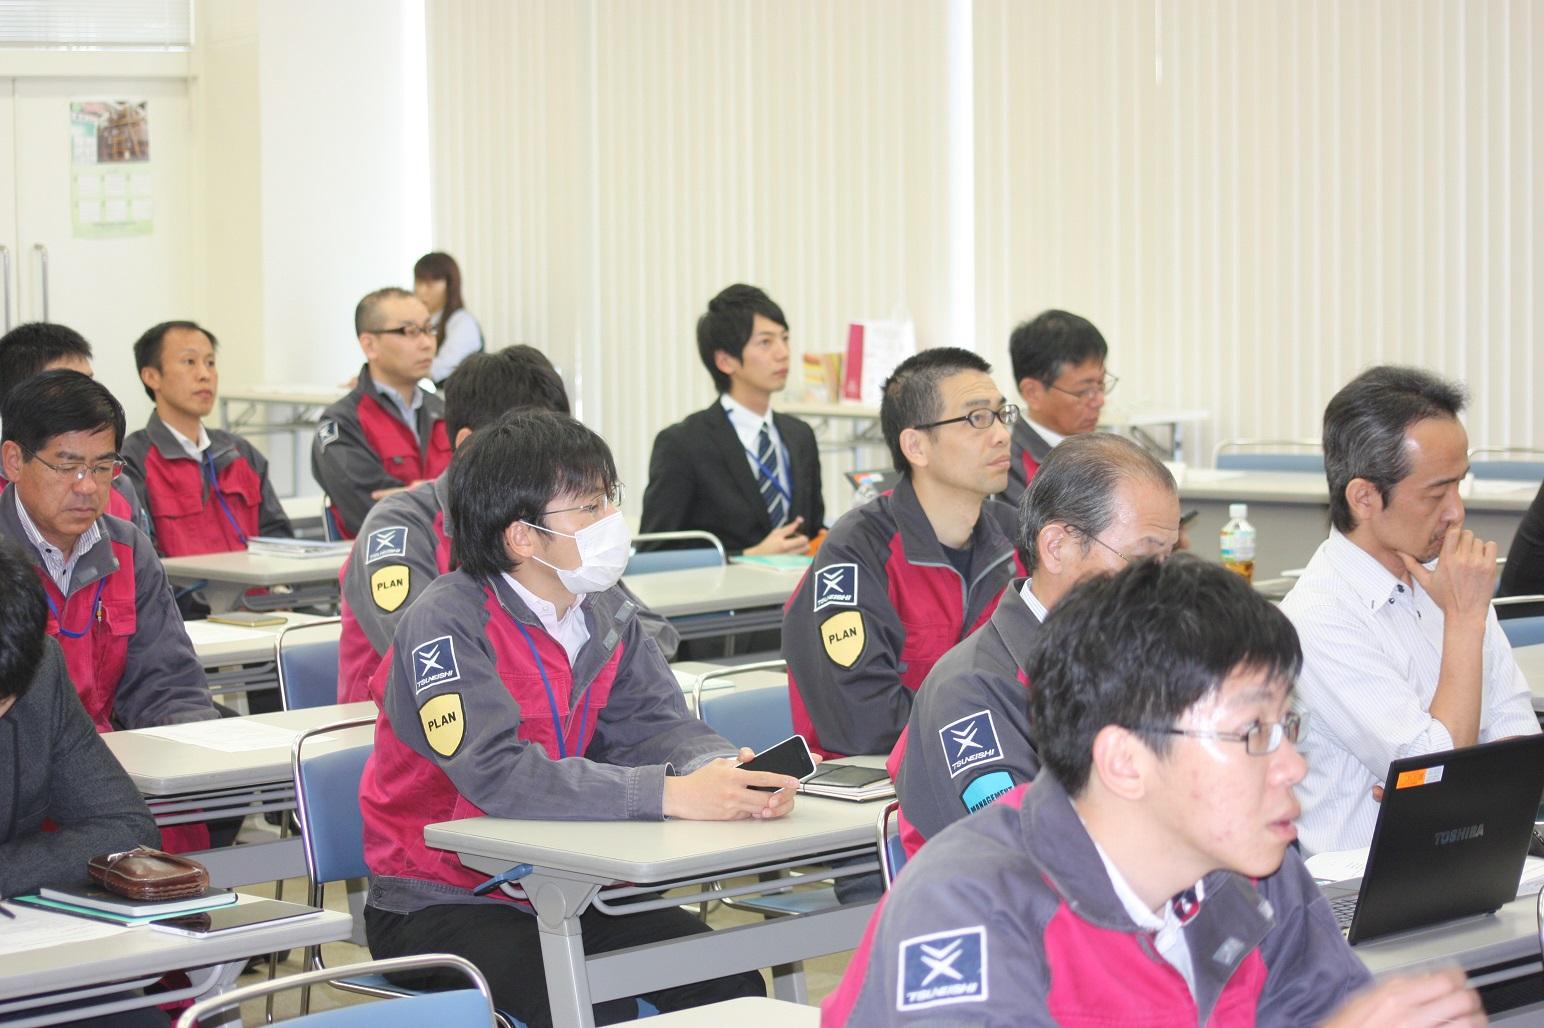 常石造船举办与广岛大学共同研究成果发布会~题目包括降低机械室内噪音,优化船员工作环境等